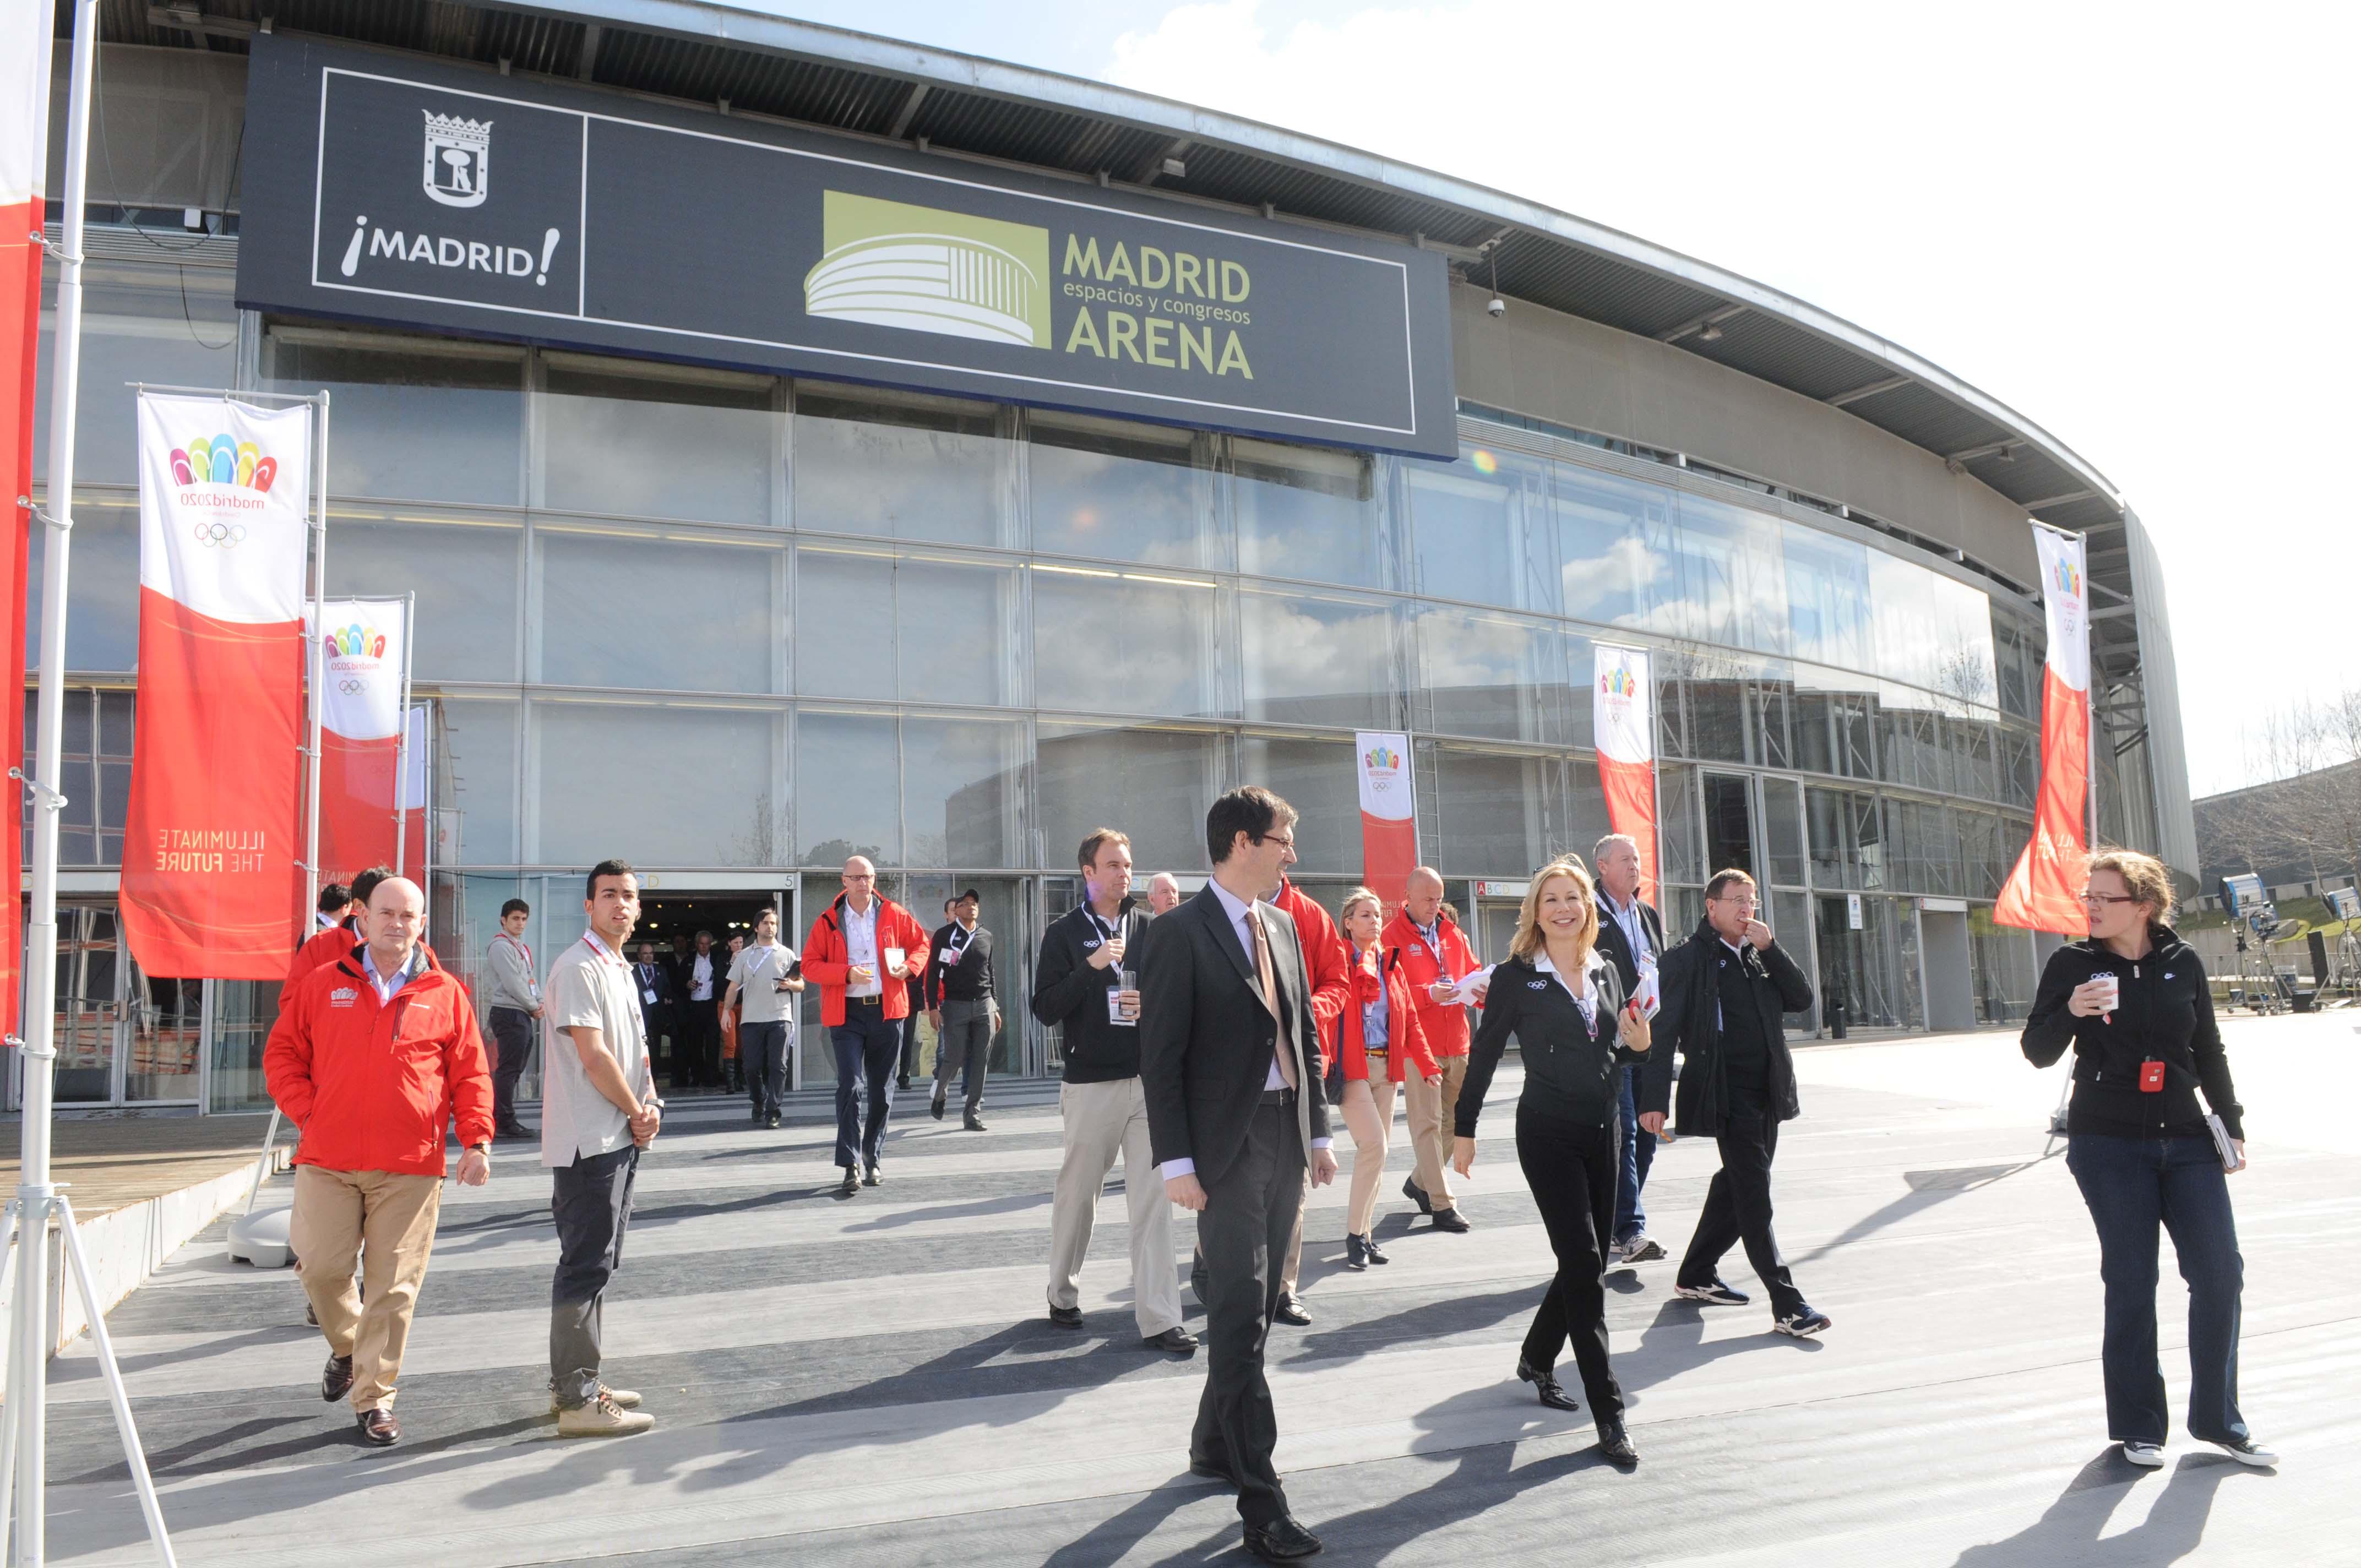 COI visita Madrid Arena para Madrid 2020